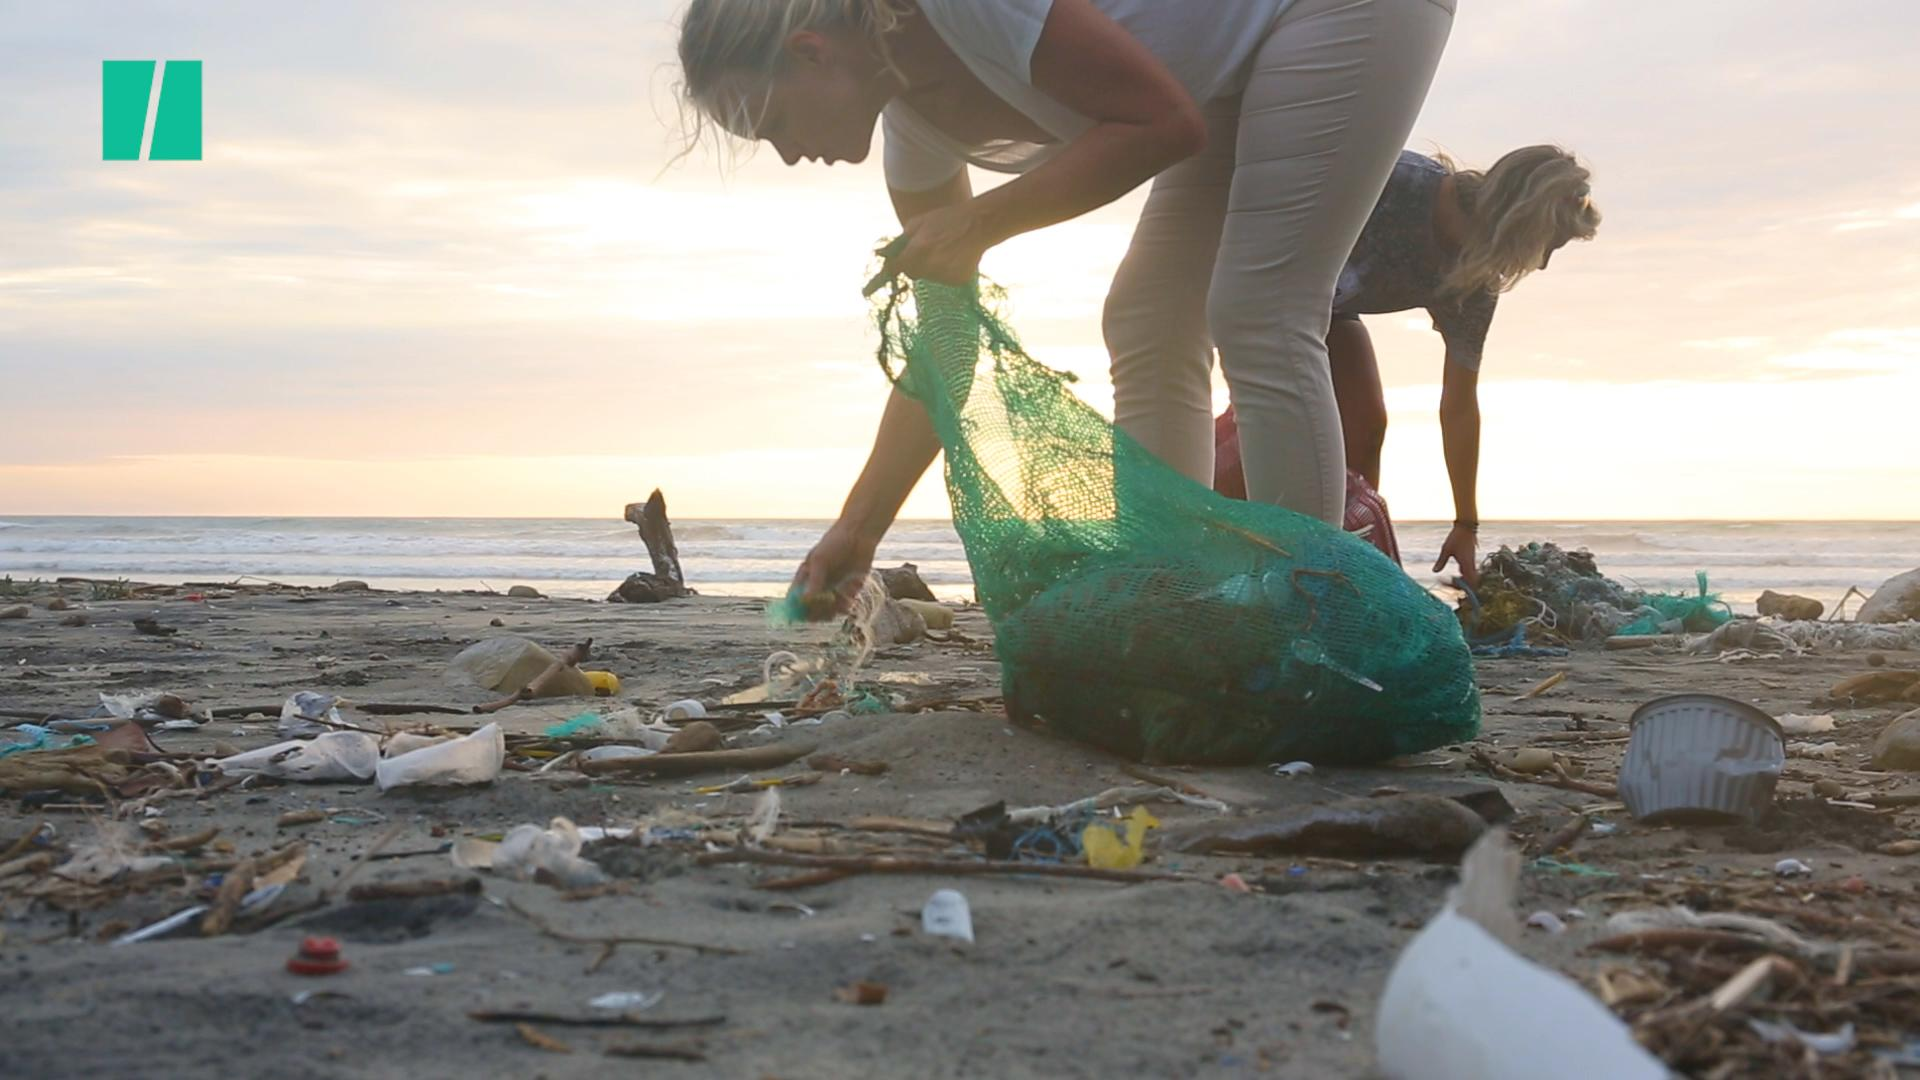 Viral TrashTag Challenge Inspires Mass Garbage Cleanup Efforts